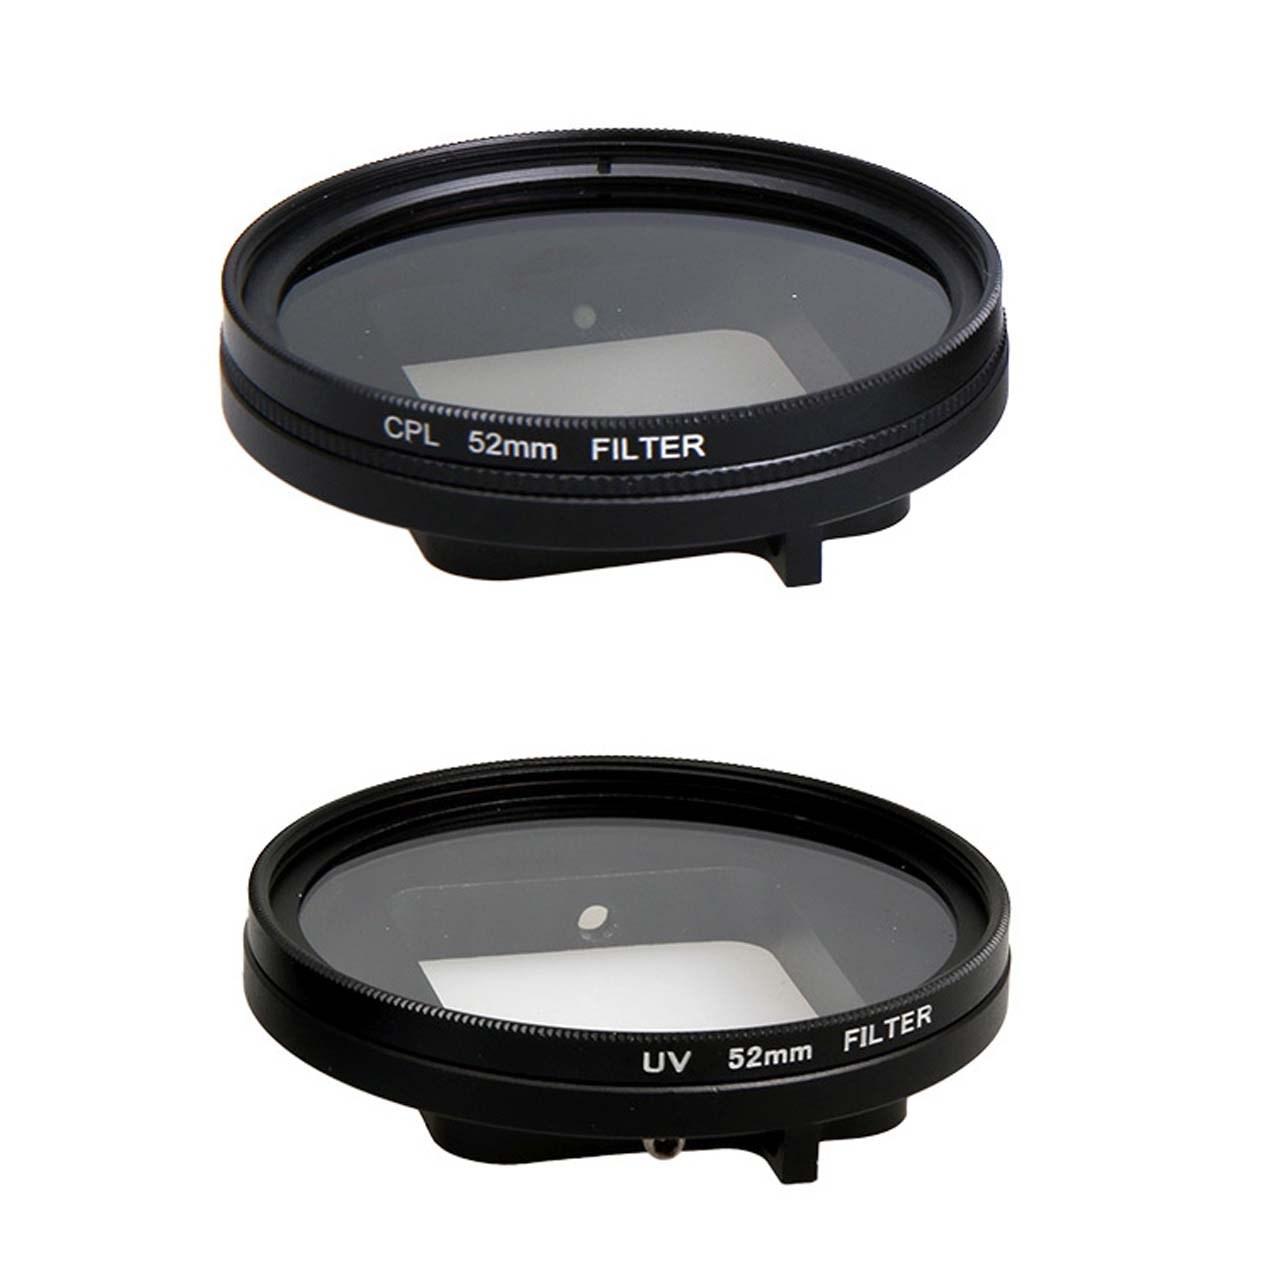 فیلتر لنز پلوز مدل UV مناسب دوربین ورزشی گوپرو هیرو 5/6